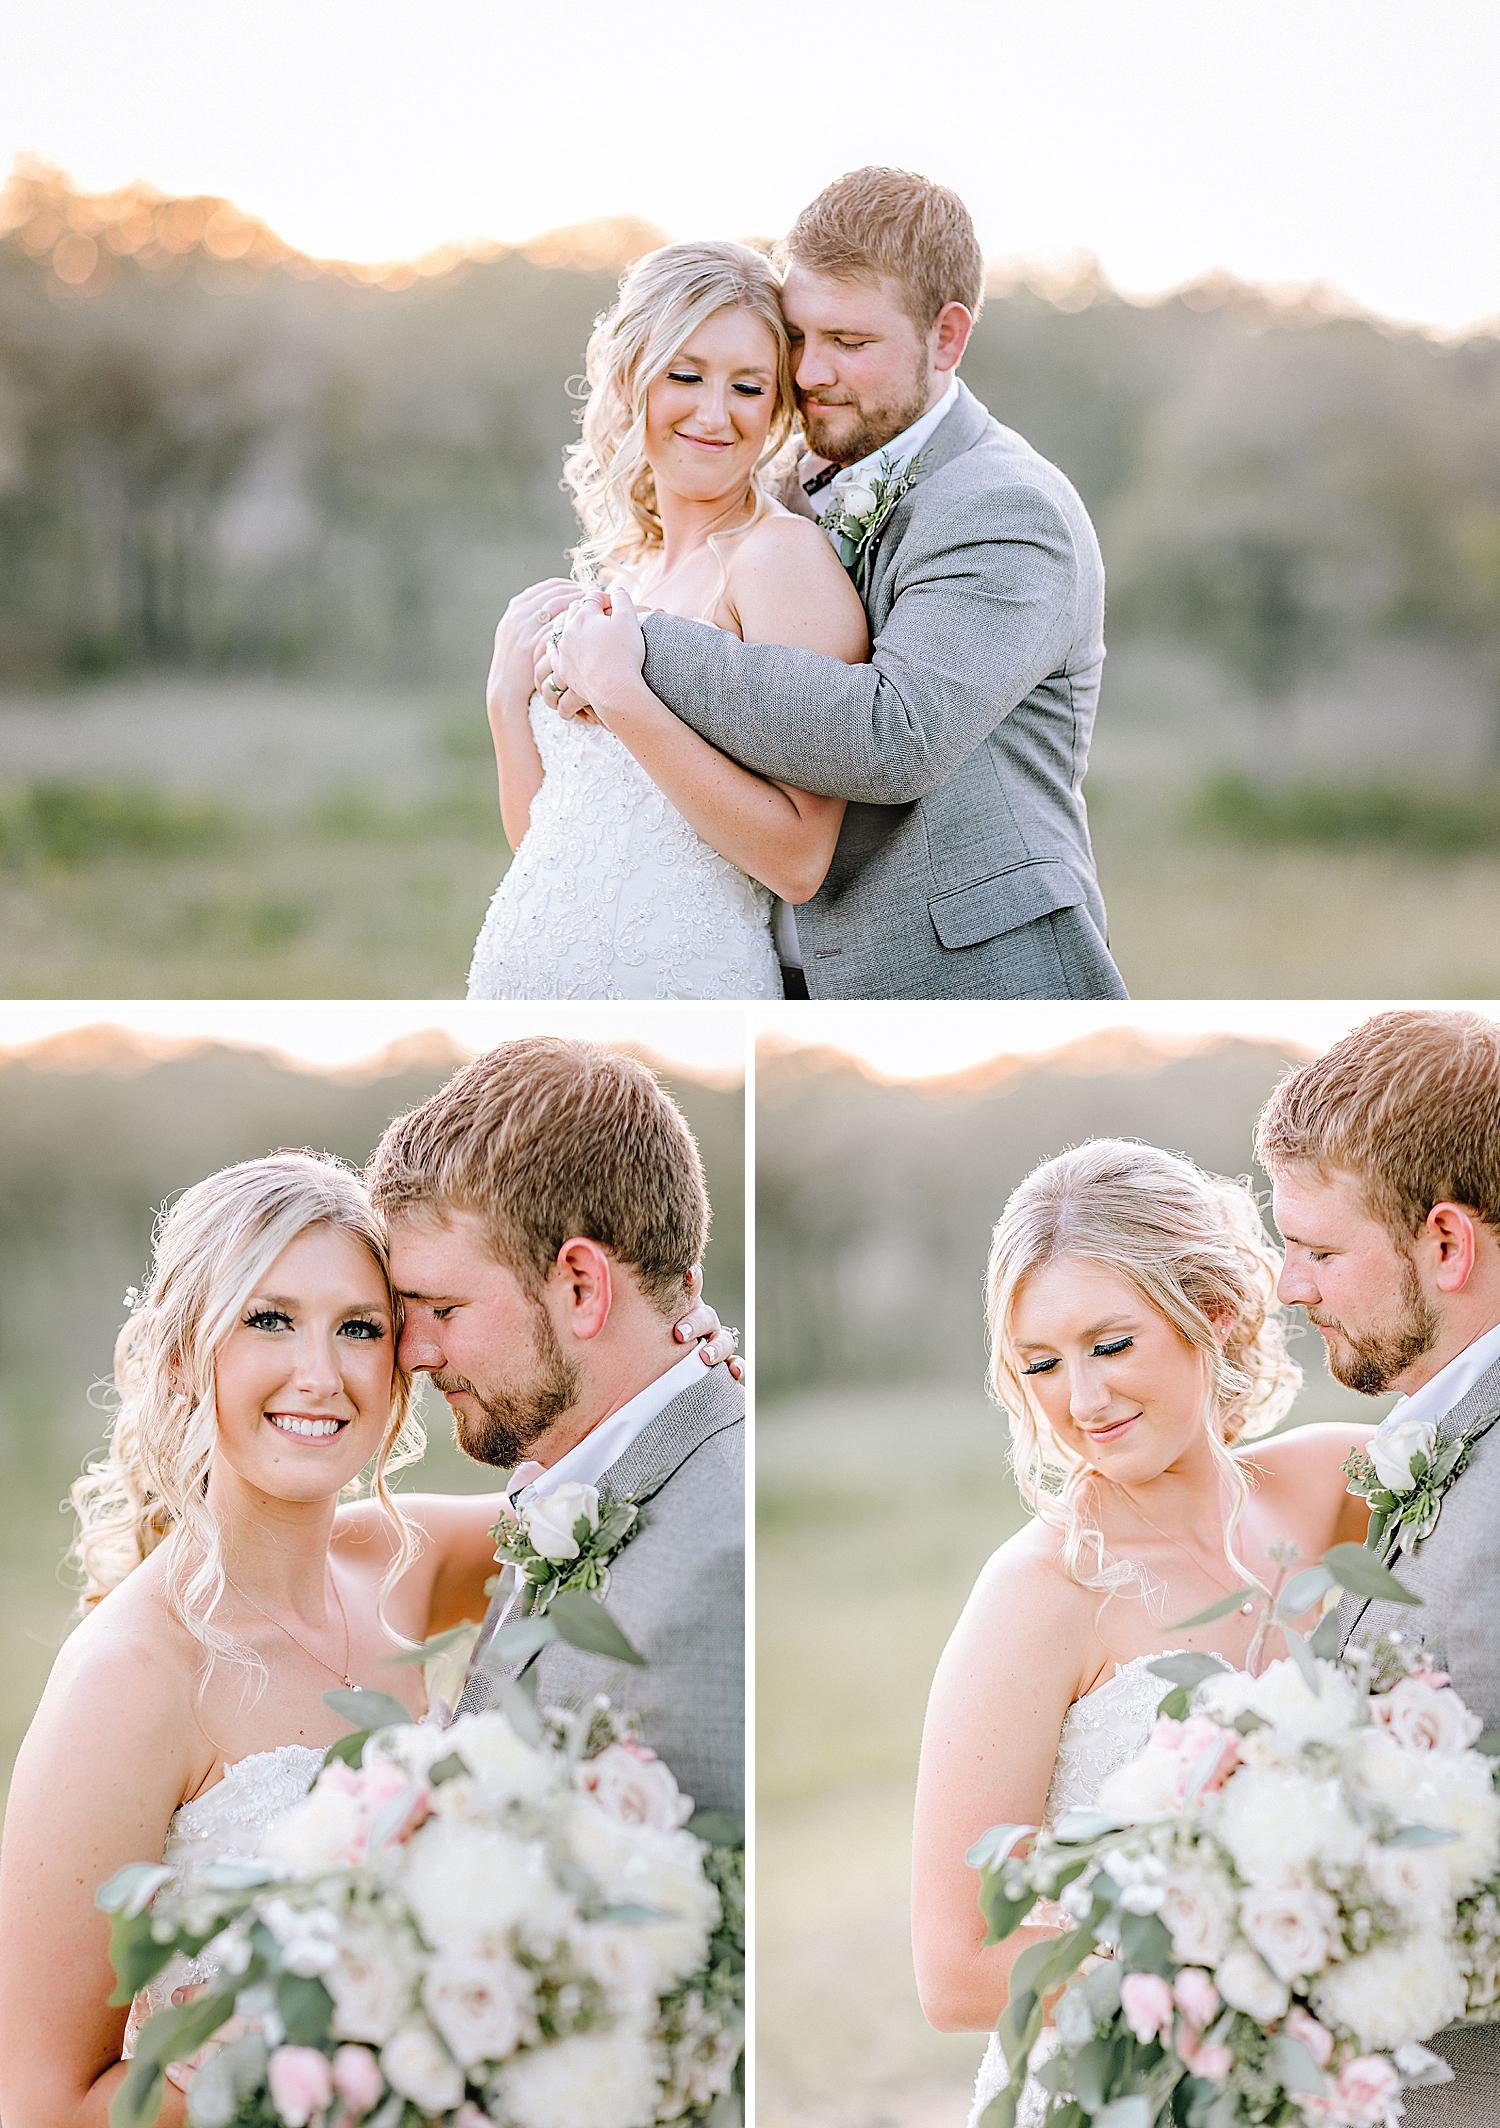 Rackler-Ranch-LaVernia-Texas-Wedding-Carly-Barton-Photography_0044.jpg